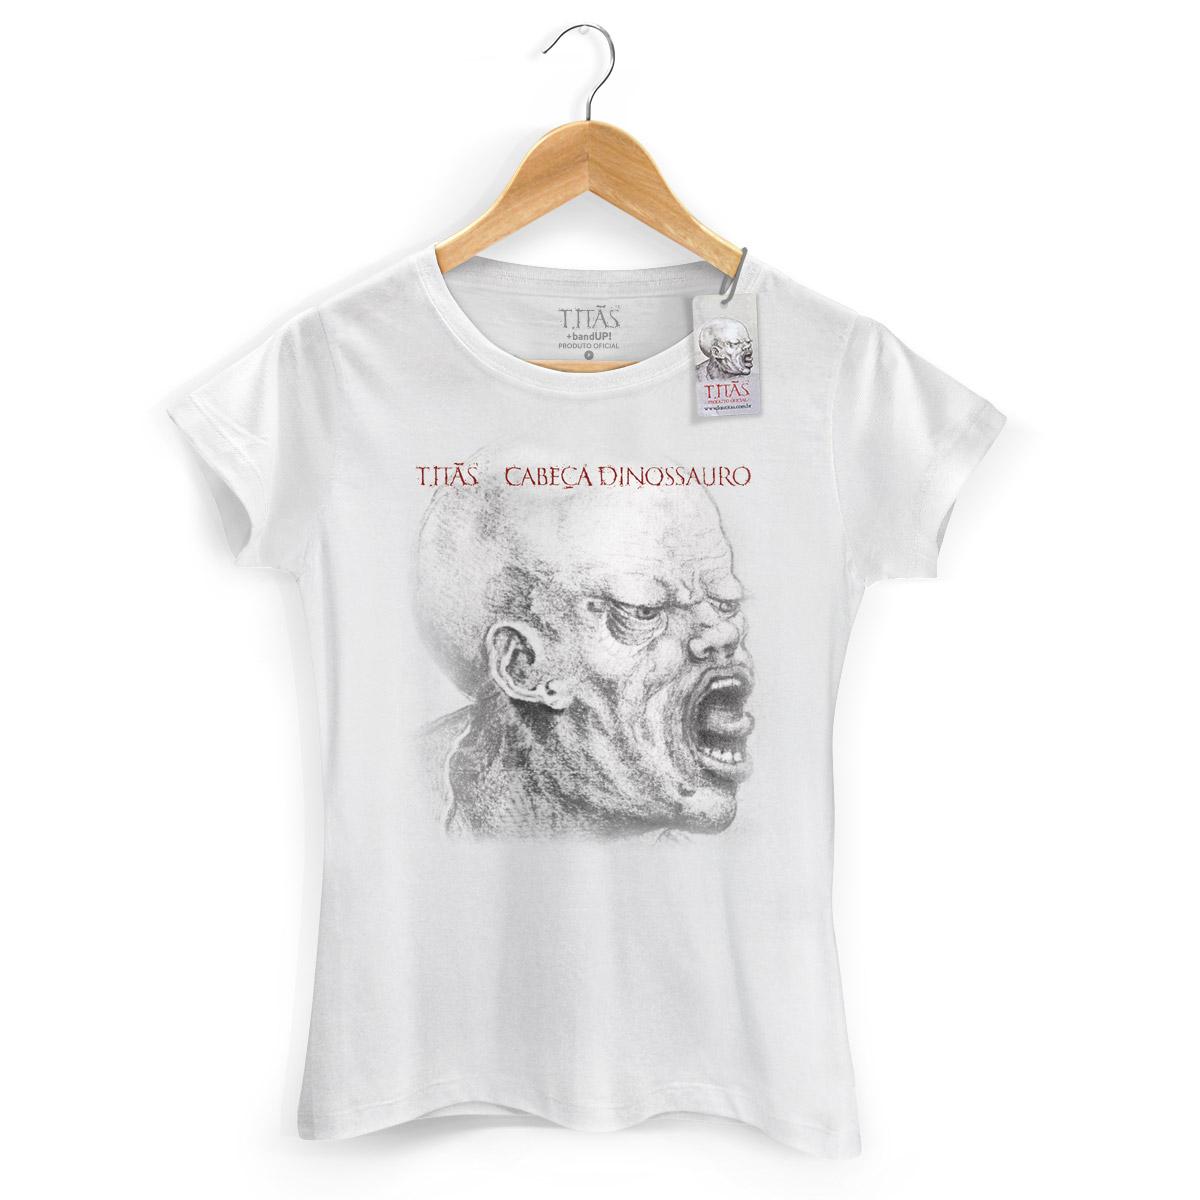 Camiseta Feminina Titãs Cabeça Dinossauro